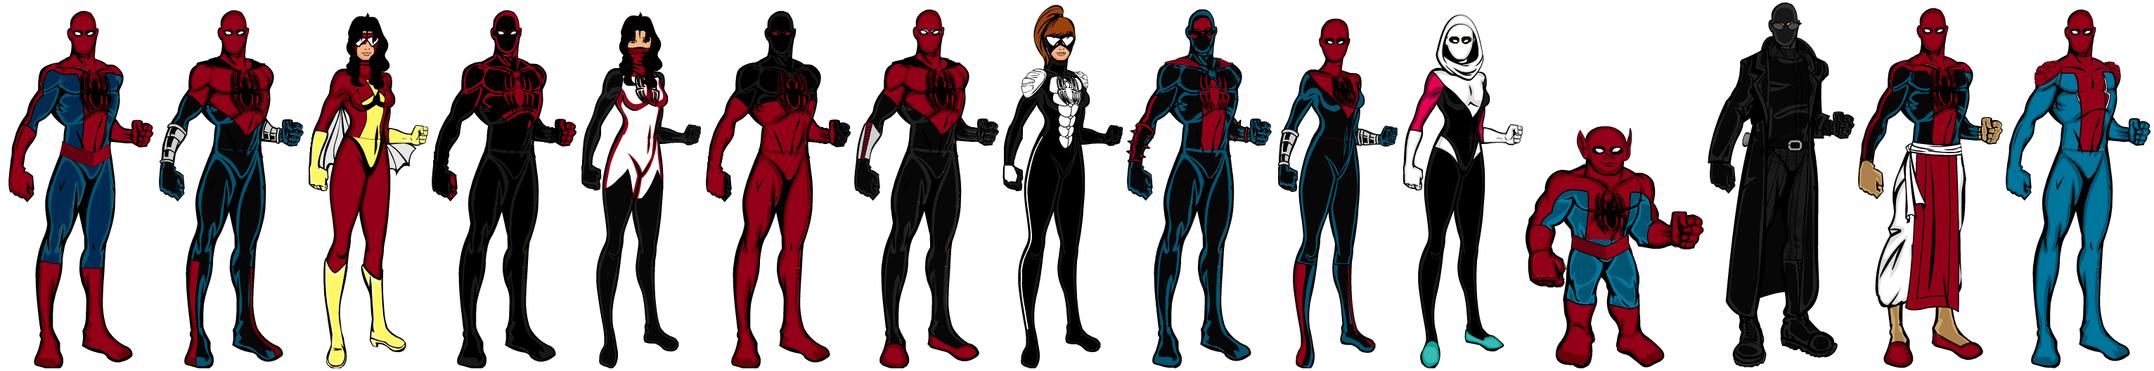 Spider-Army (Spider-Verse) by CaptainDutch